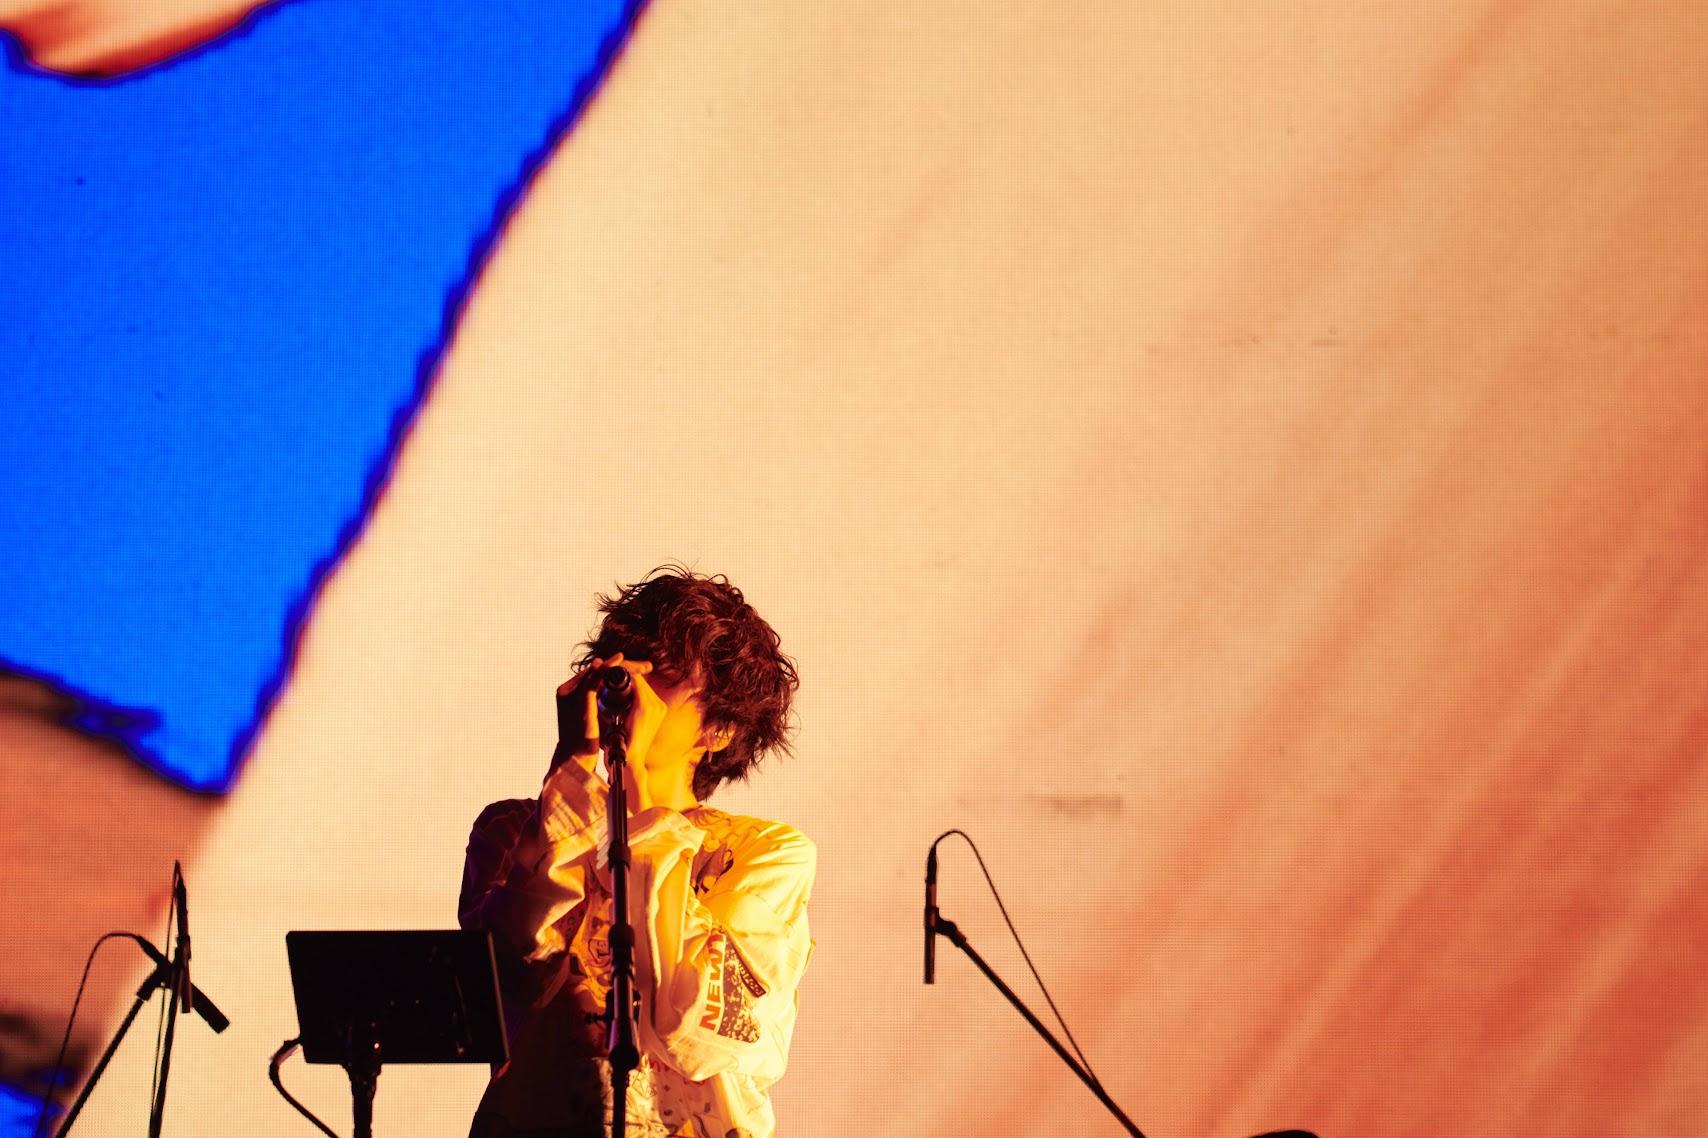 【迷迷現場】 詳細報導 米津玄師 巡迴終場在台北 「我愛你們」